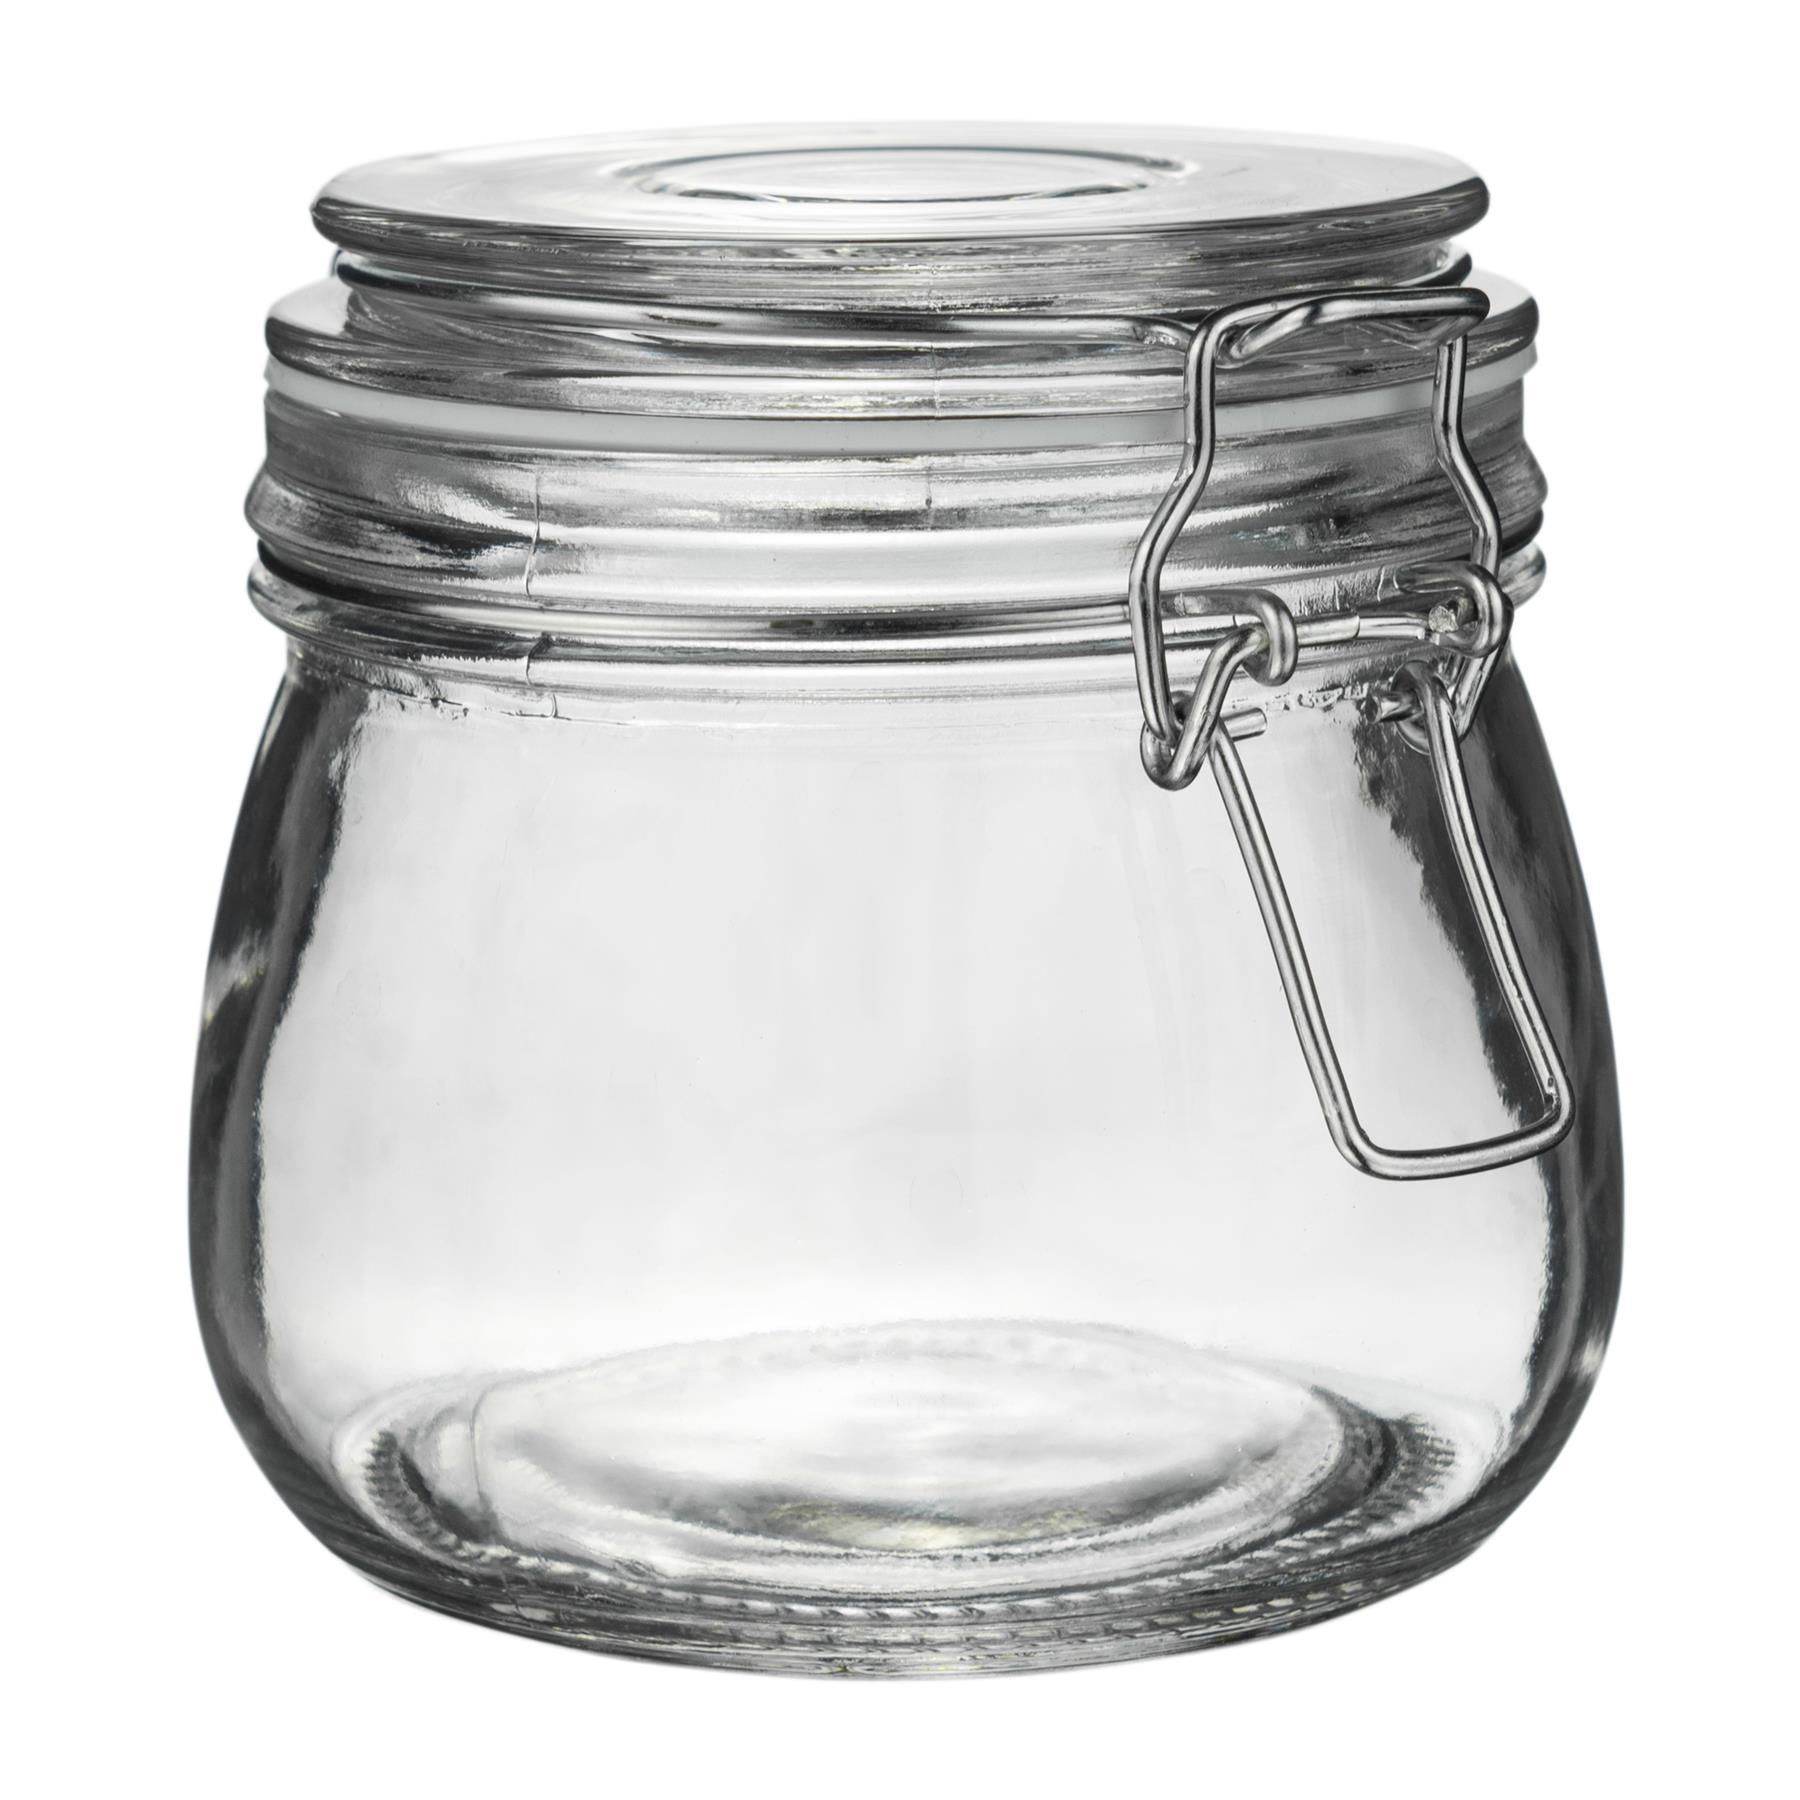 3 x Verre de Stockage Pots hermétique Clip Couvercle alimentaire préserver Preserving jar 500 ml